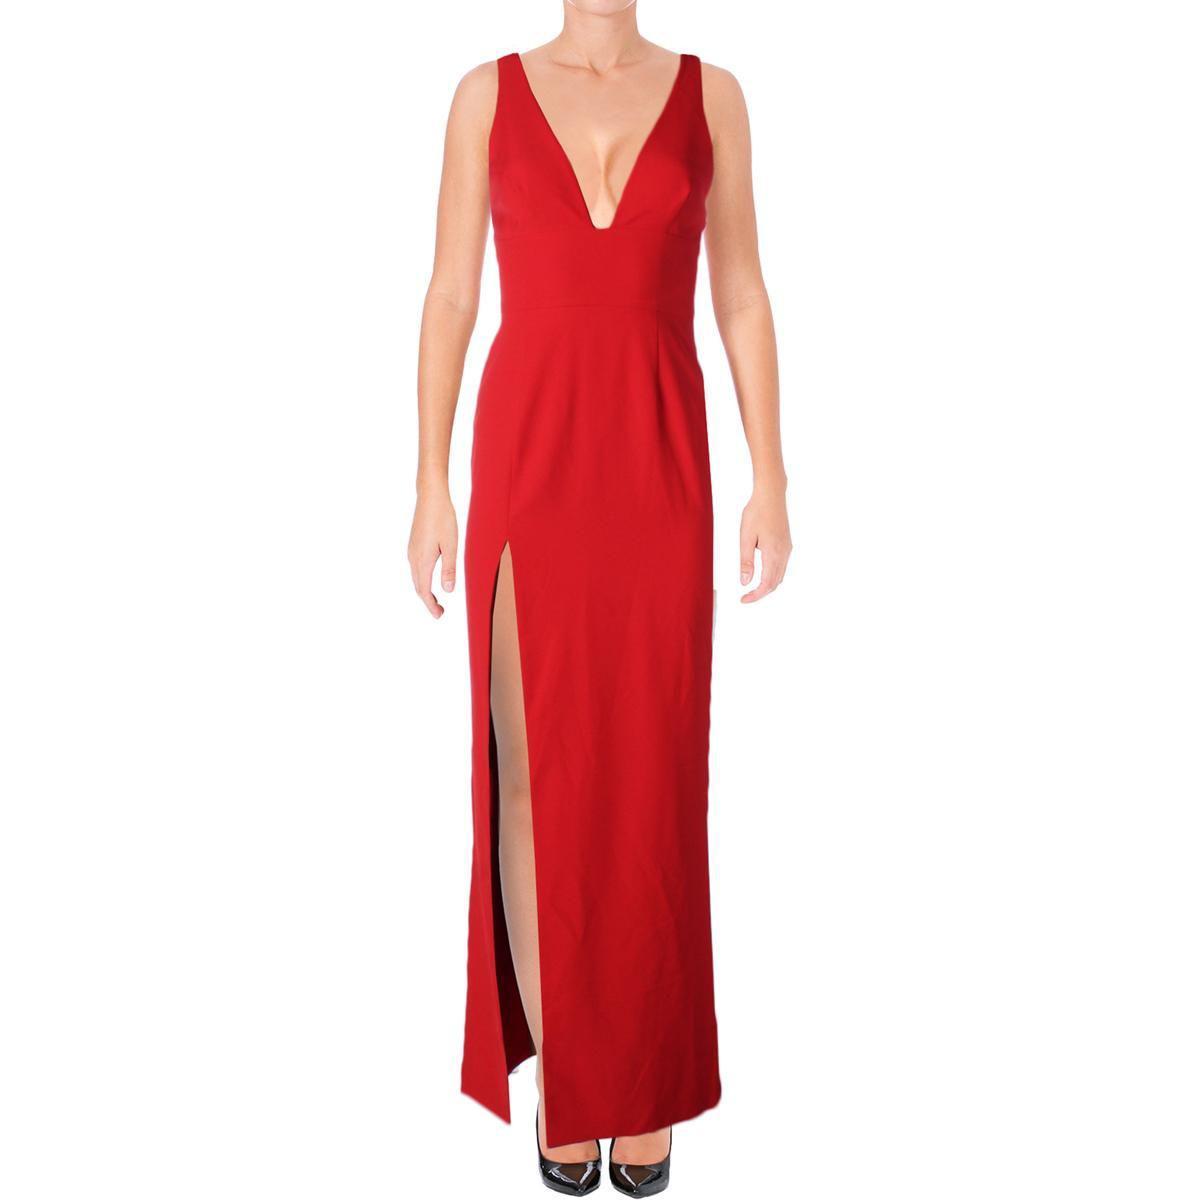 31f322ff83b1f Womens Red Maxi Evening Dress